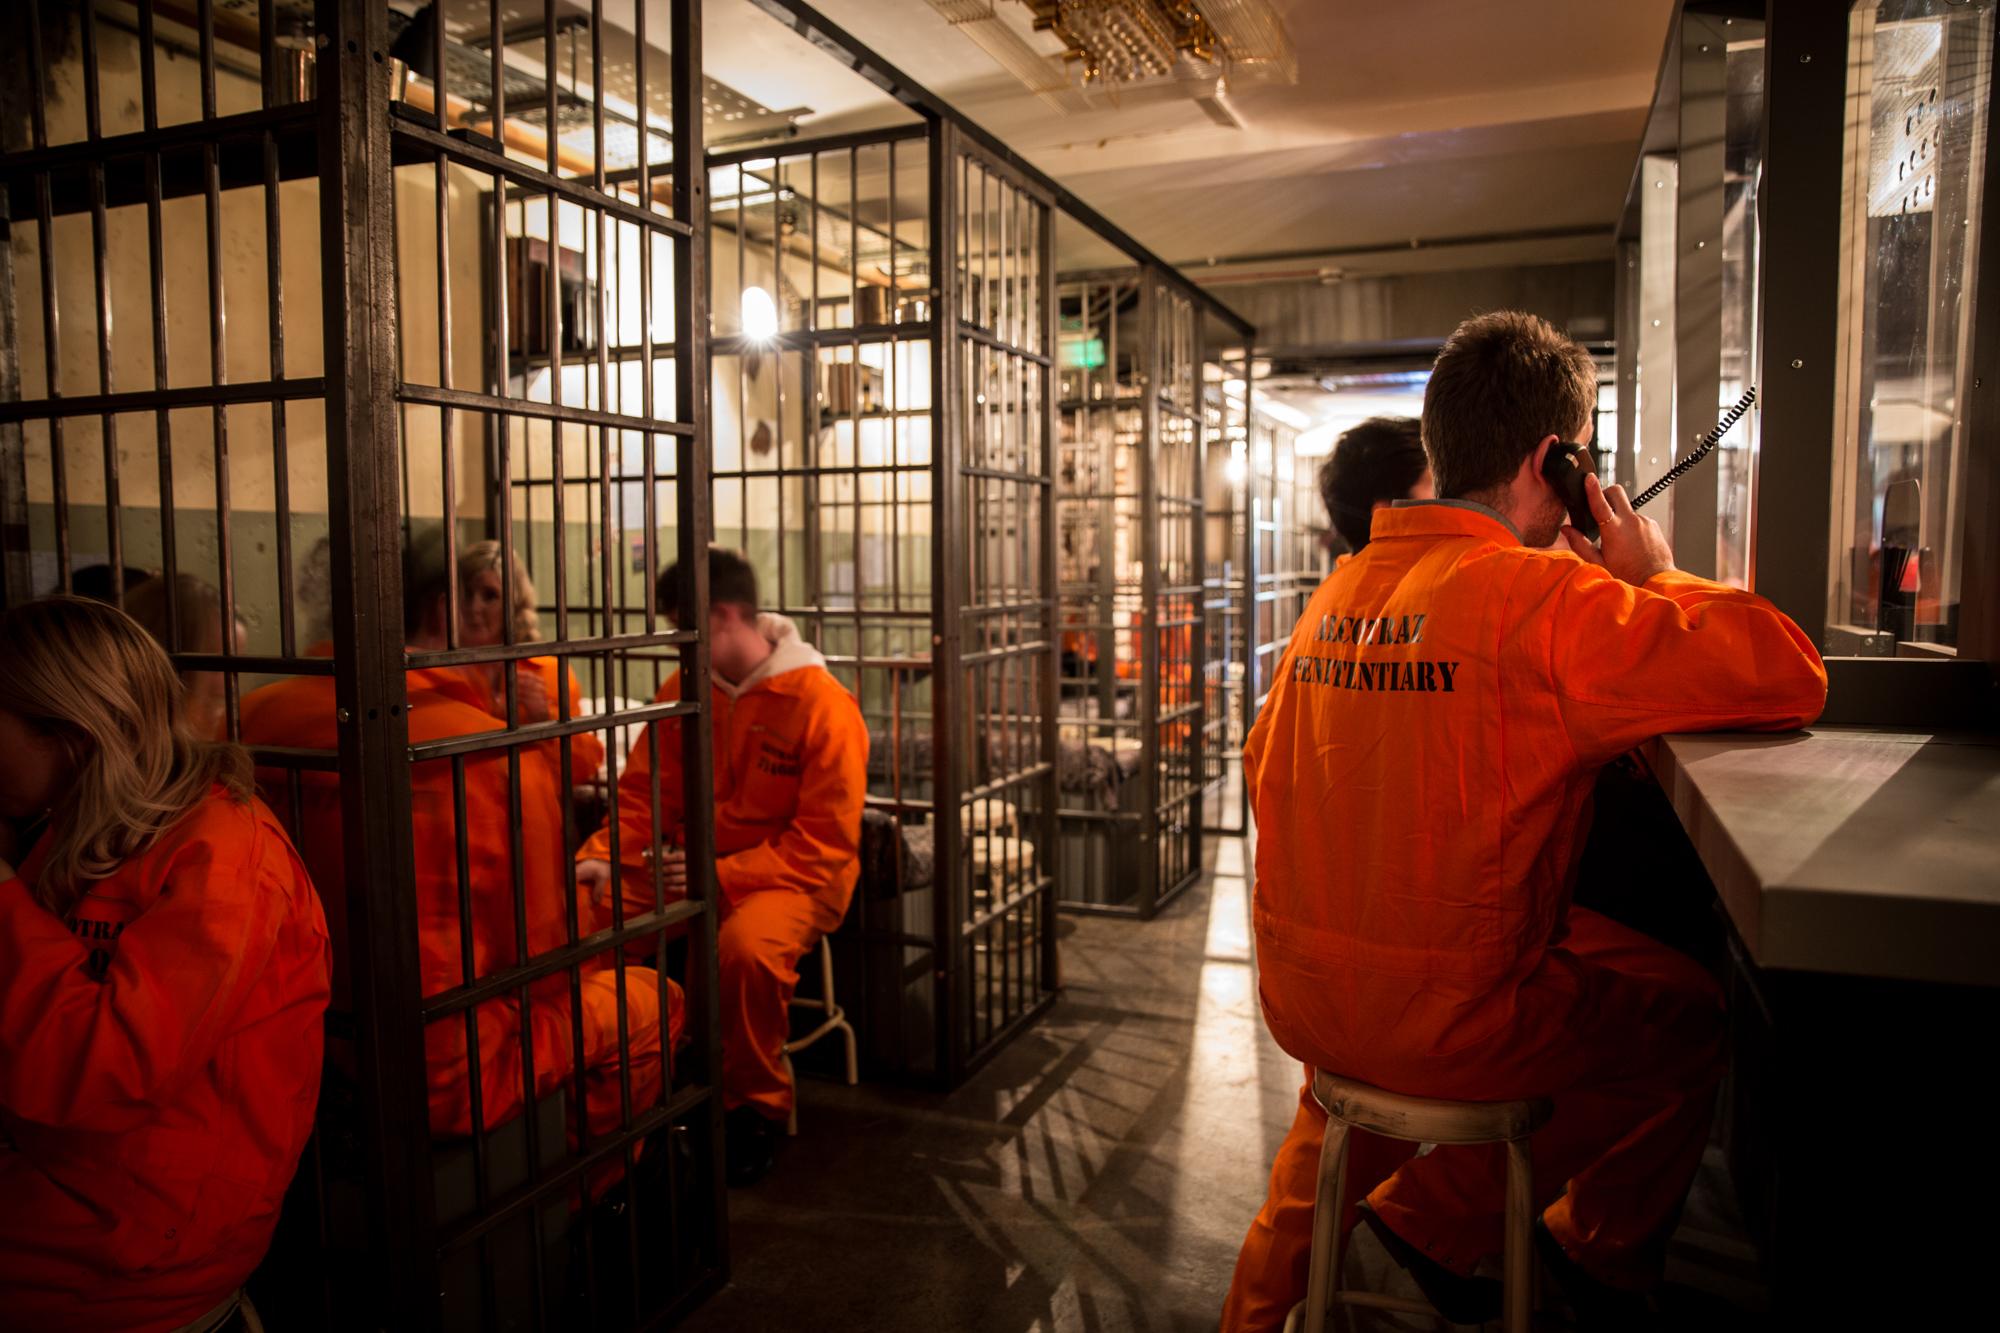 Alcotraz locked up